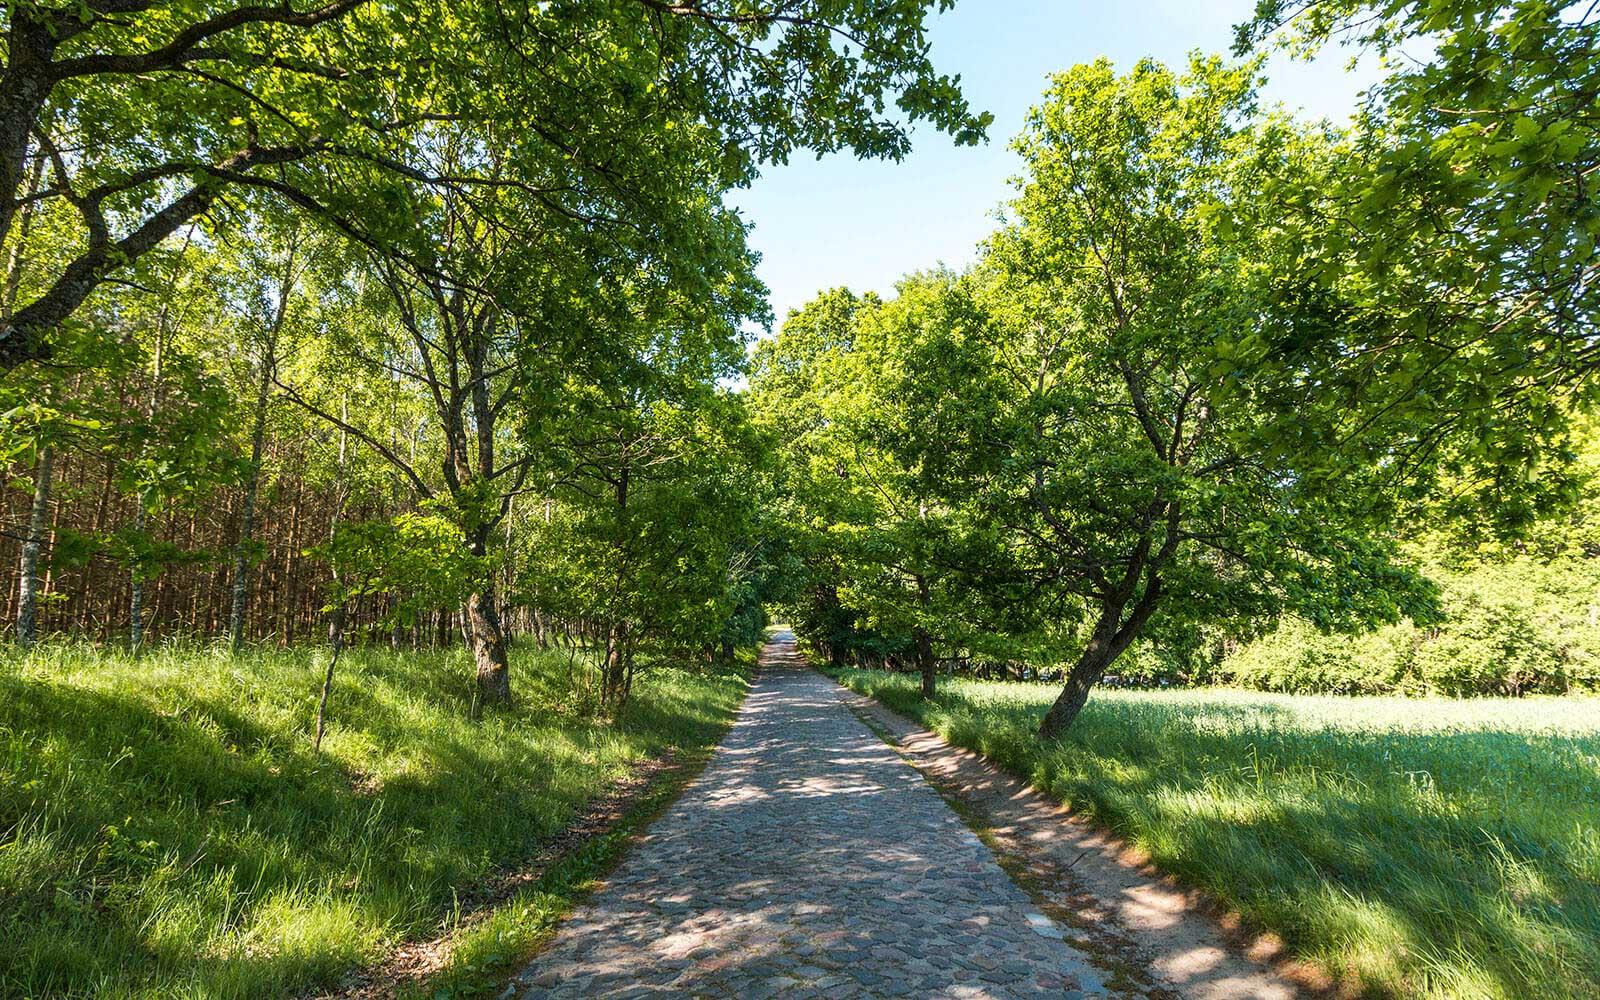 Zielony szlak wdrawskim parku krajobrazowym